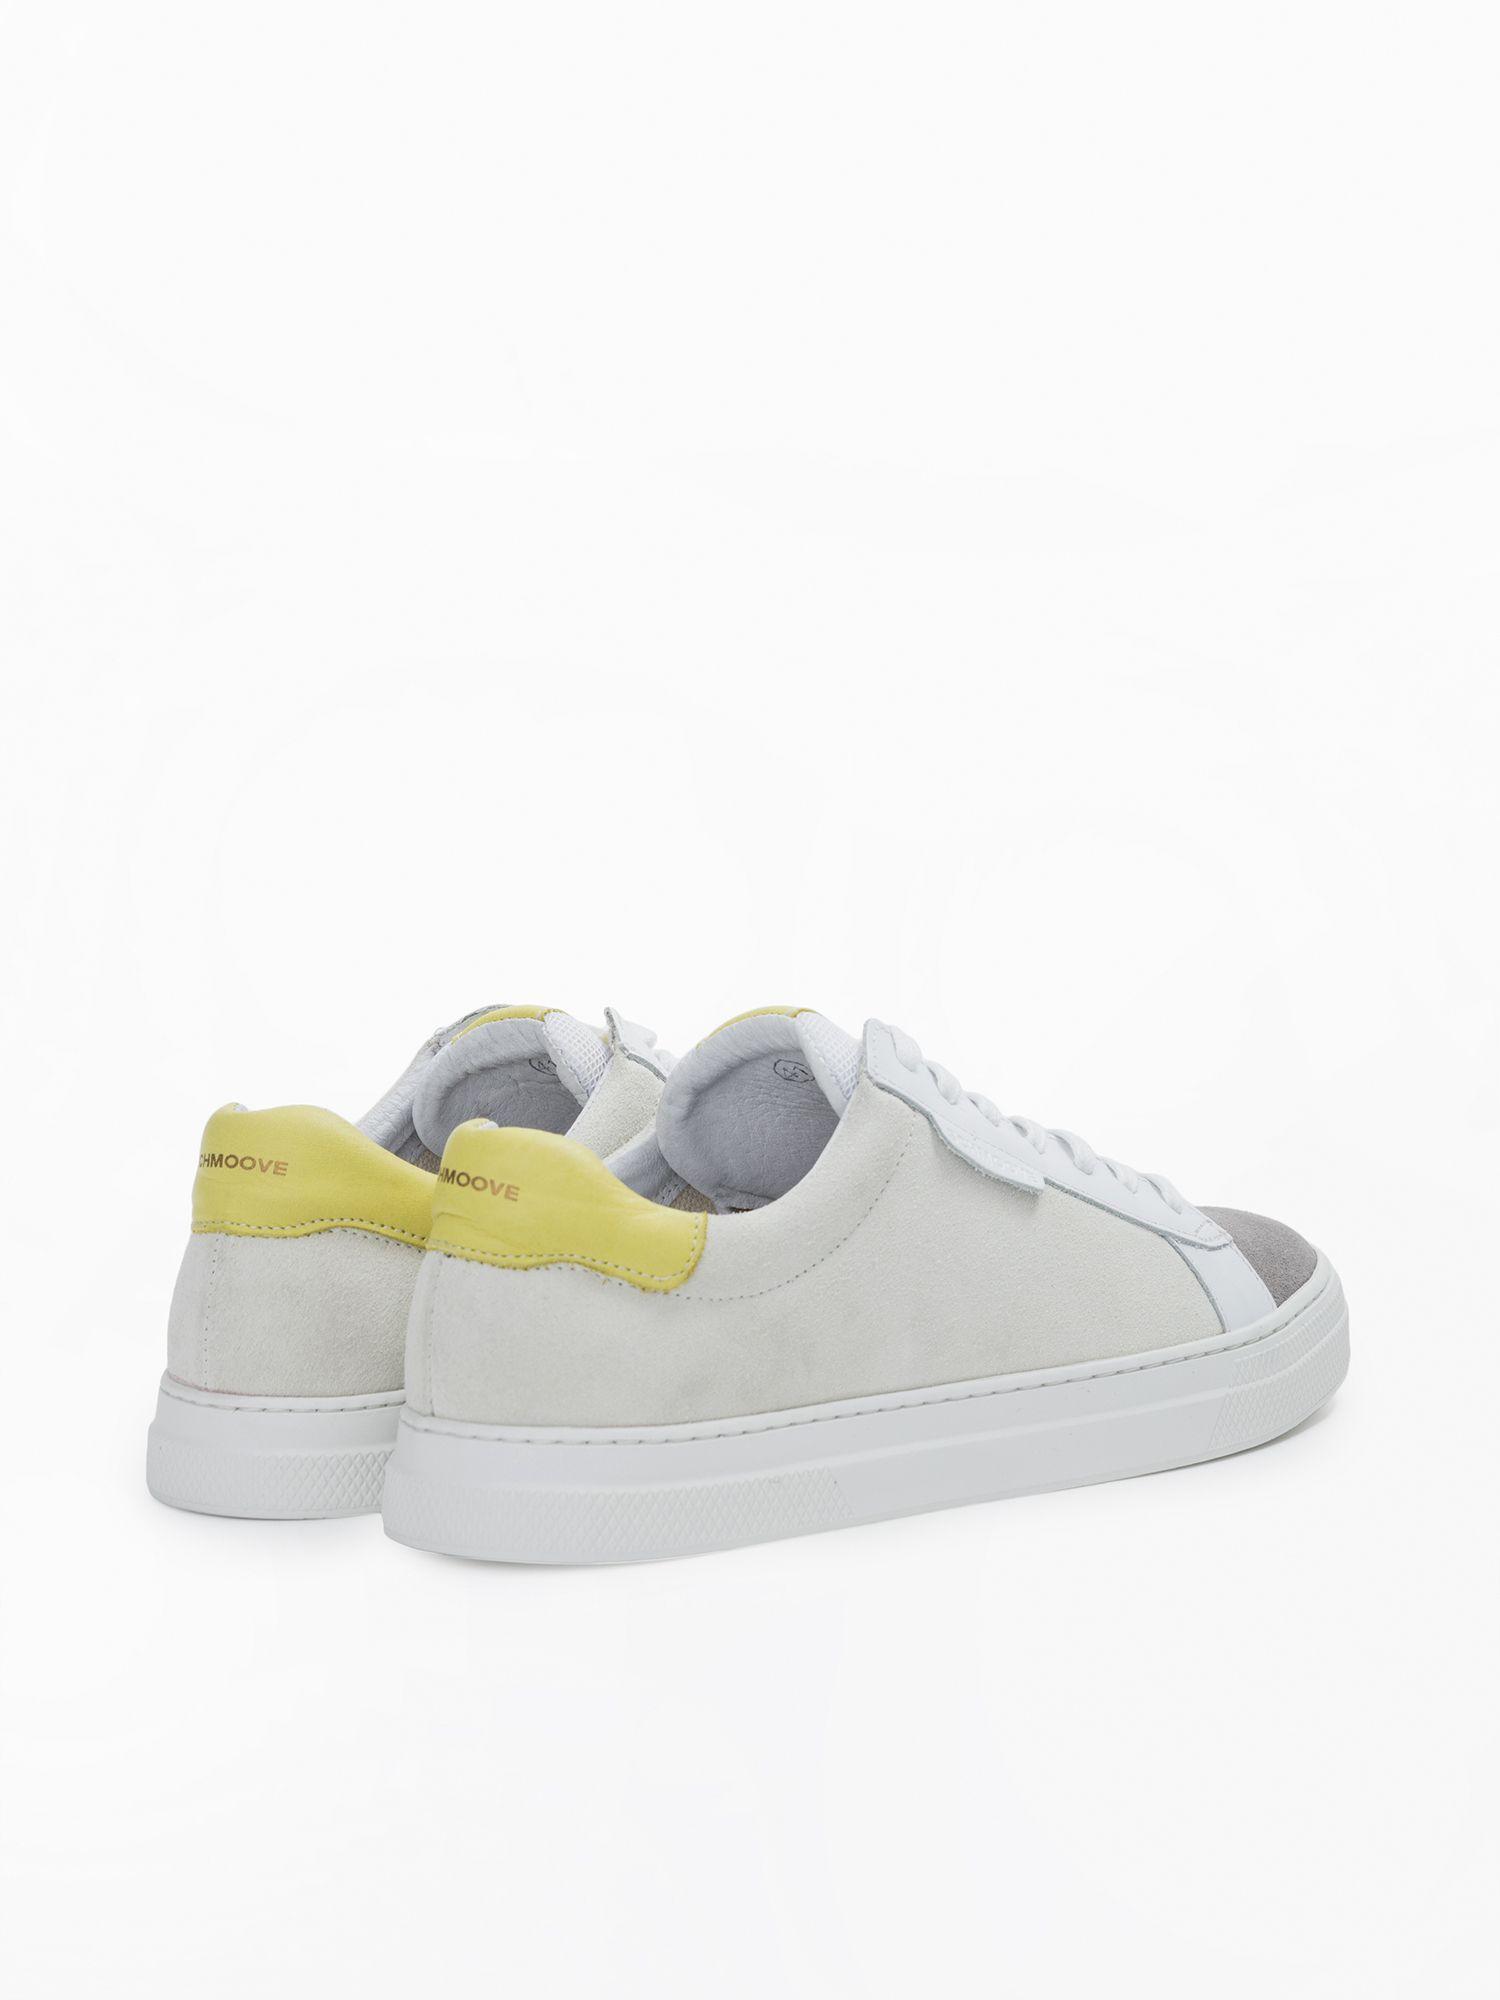 schmoove.fr Spark Clay - Suede/Nappa - Gelo/Citron